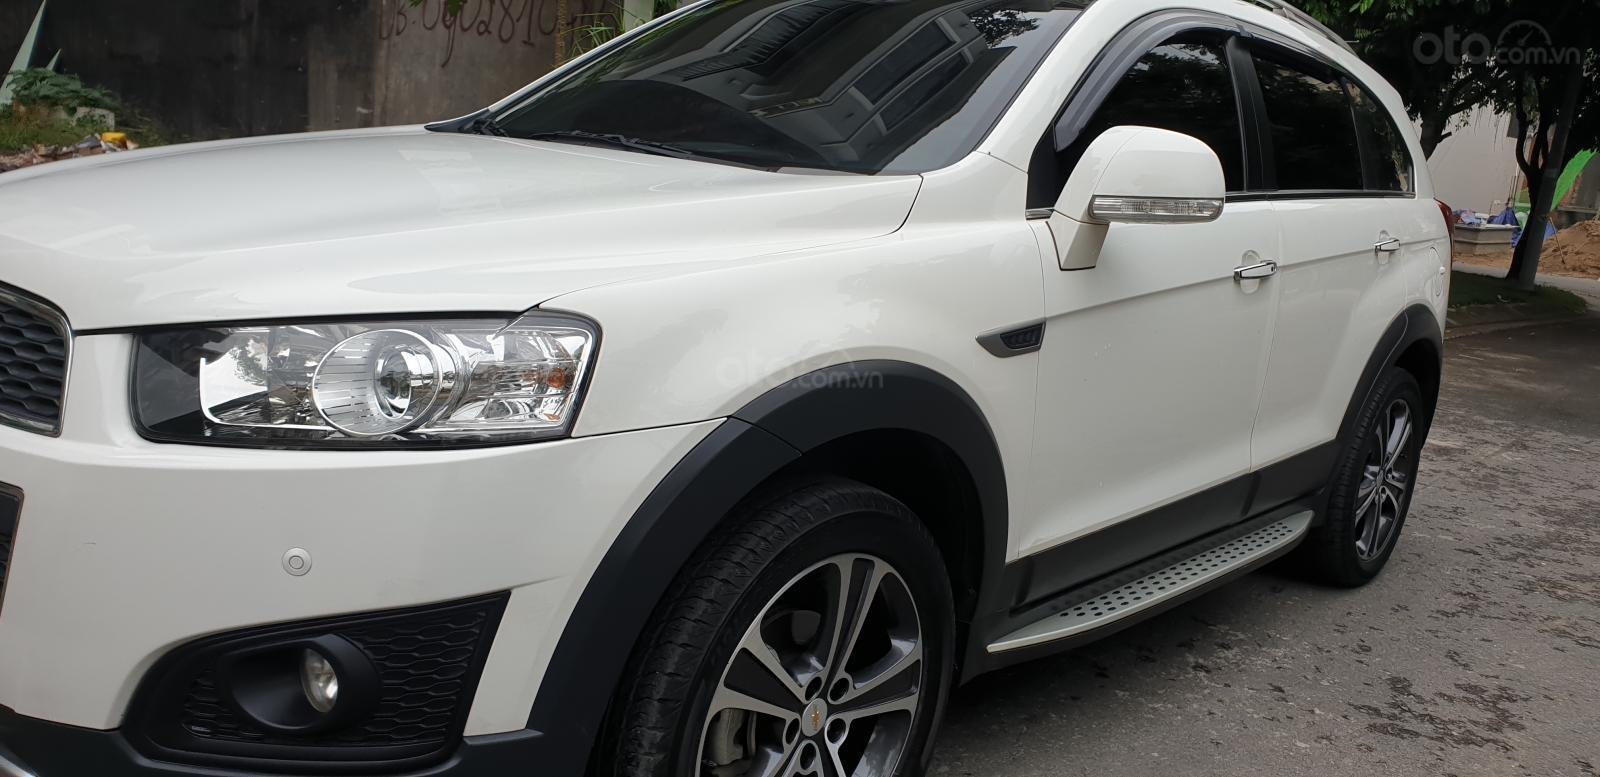 Bán Chevrolet Captiva LTZ máy Ecotec số tự động model 2016, SX T12/ 2015, màu trắng, đẹp mới 90% (2)